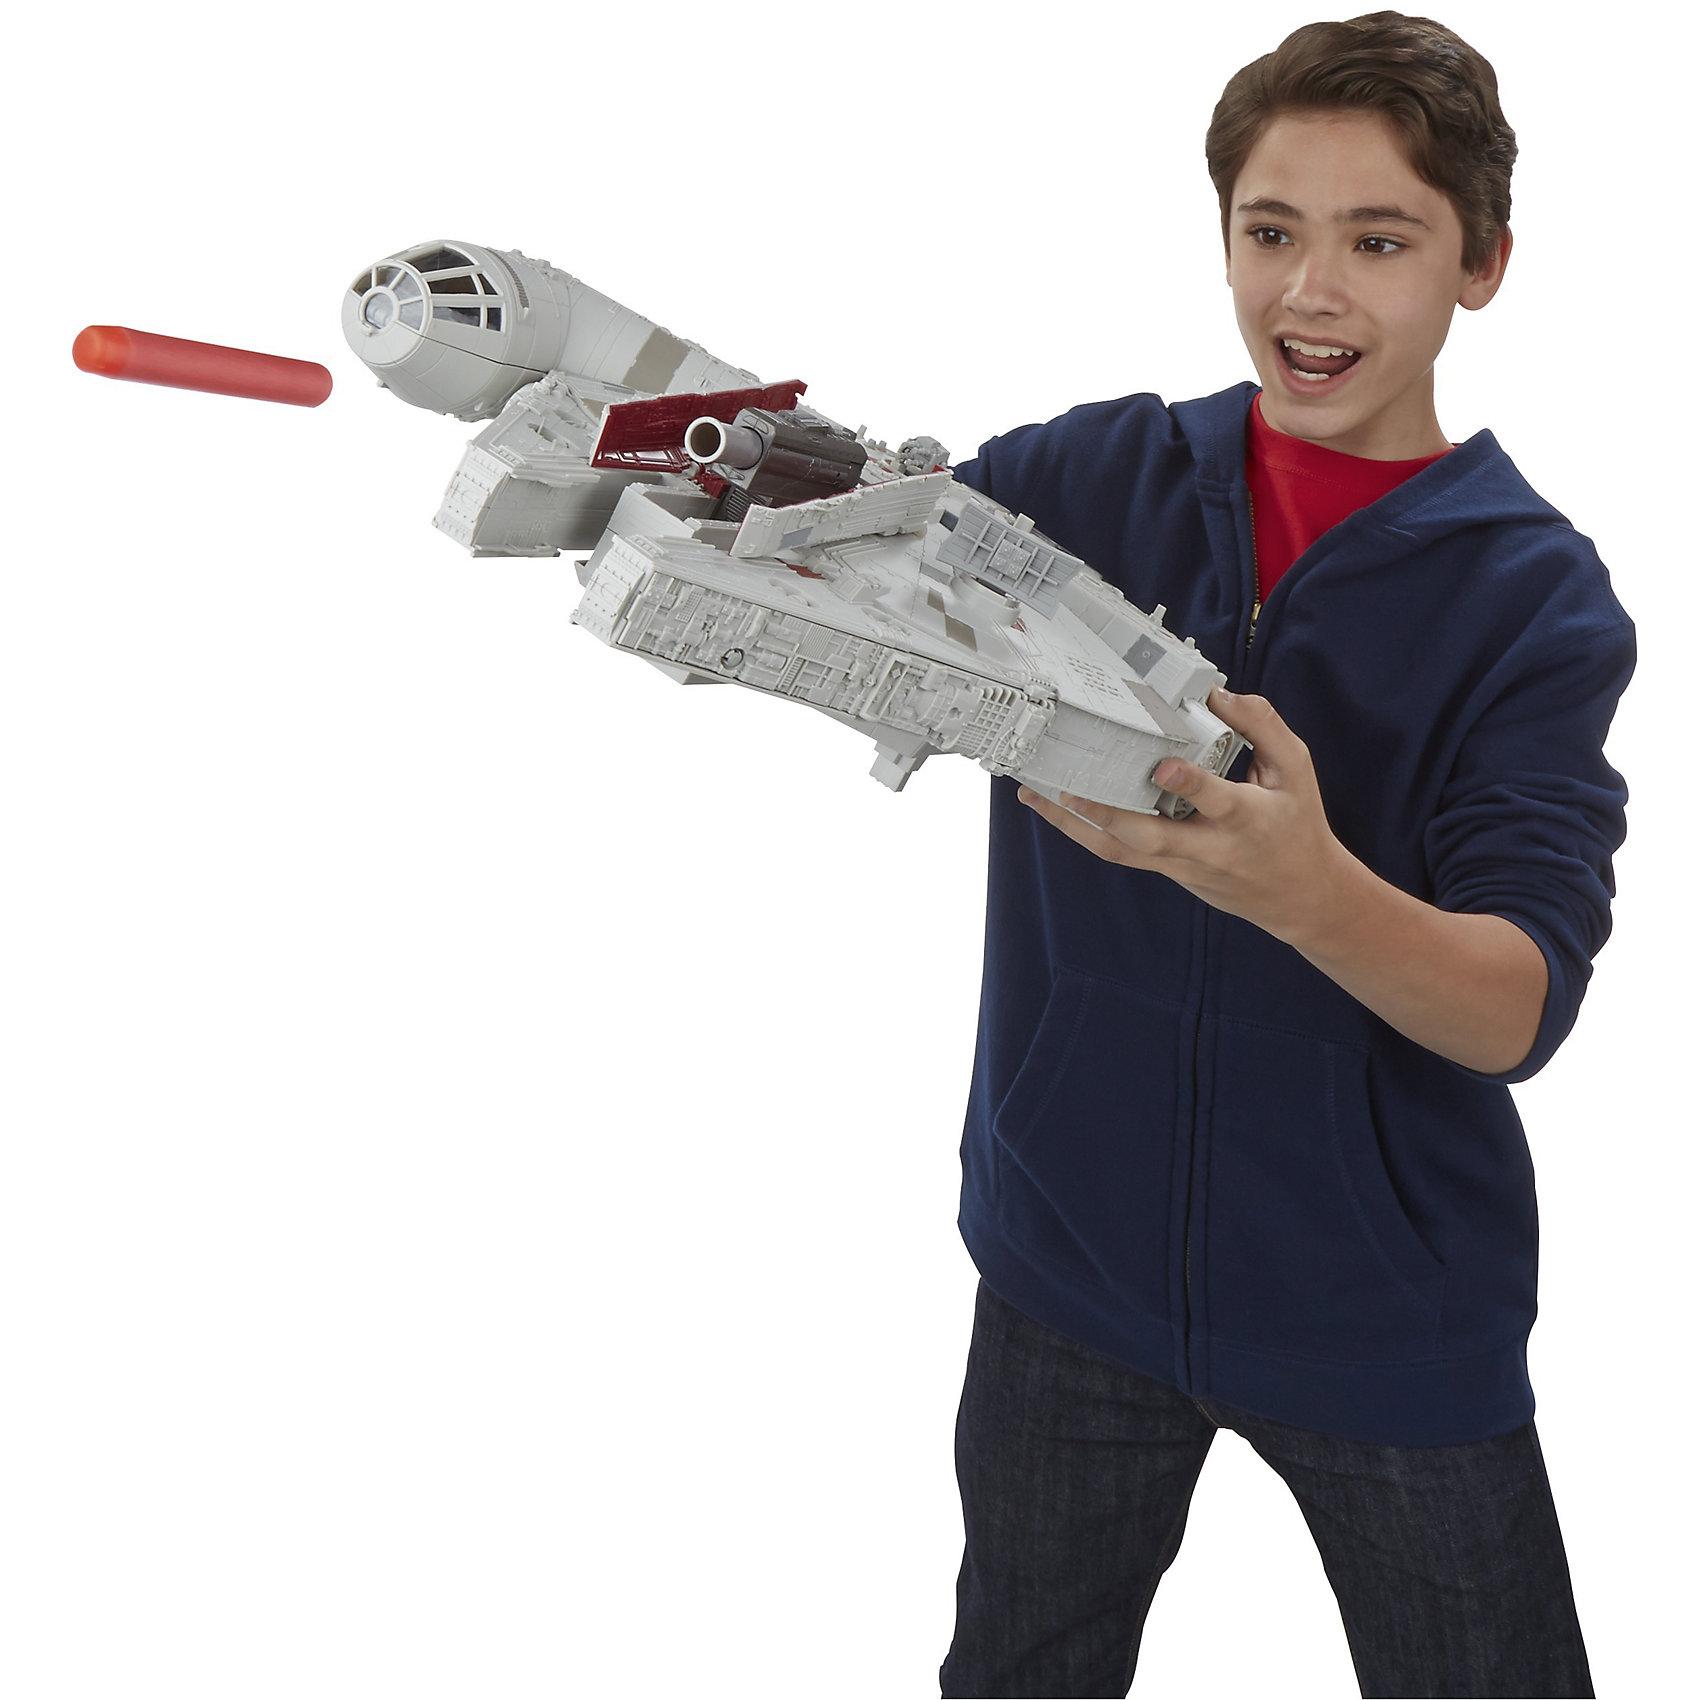 Флагманский космический корабль,  9,5 см, Звездные войныФлагманский космический корабль,  9,5 см, Звездные войны – это интересная и функциональная игрушка из серии Звездные Войны от бренда Hasbro.<br>Флагманский космический корабль, легендарный «Тысячелетний сокол» – это потрясающая игрушка от Хасбро. Он в точности повторяет внешний вид корабля в той модификации, в которой мы увидим его в новом эпизоде «Звёздных войн». Межгалактический грузовик имеет специальные места, где можно поместить фигурки героев, а также несколько открывающихся отсеков, внутри которых находятся детально проработанные внутренние помещения корабля. Он оборудован пусковой установкой, стреляет стандартными стрелами NERF, имеет световые и звуковые эффекты. Кроме того, в набор входит три замечательные фигурки героев седьмого эпизода «Пробуждение силы» - Финна, вуки Чубакки и маленького сферического дроида ВВ-8. Фигурки и корабль имеют высочайший уровень детализации. С этим набором ваш ребенок воссоздаст эпические битвы из фильма «Звездные Войны: Пробуждение силы».<br><br>Дополнительная информация:<br><br>- В комплекте: корабль, 3 фигурки героев Звездных войн, 3 аксессуара, 2 стрелы Nerf<br>- Размер фигурок: 9,5 см.<br>- Батарейки: 2 типа АА (в комплект не входят)<br>- Материал: пластмасса<br>- Размер упаковки: 13,3 x 55,9 x 42,2 см.<br>- Вес: 1,95 кг.<br><br>Флагманский космический корабль,  9,5 см, Звездные войны (Star Wars) можно купить в нашем интернет-магазине.<br><br>Ширина мм: 565<br>Глубина мм: 426<br>Высота мм: 143<br>Вес г: 2508<br>Возраст от месяцев: 48<br>Возраст до месяцев: 120<br>Пол: Мужской<br>Возраст: Детский<br>SKU: 4079556